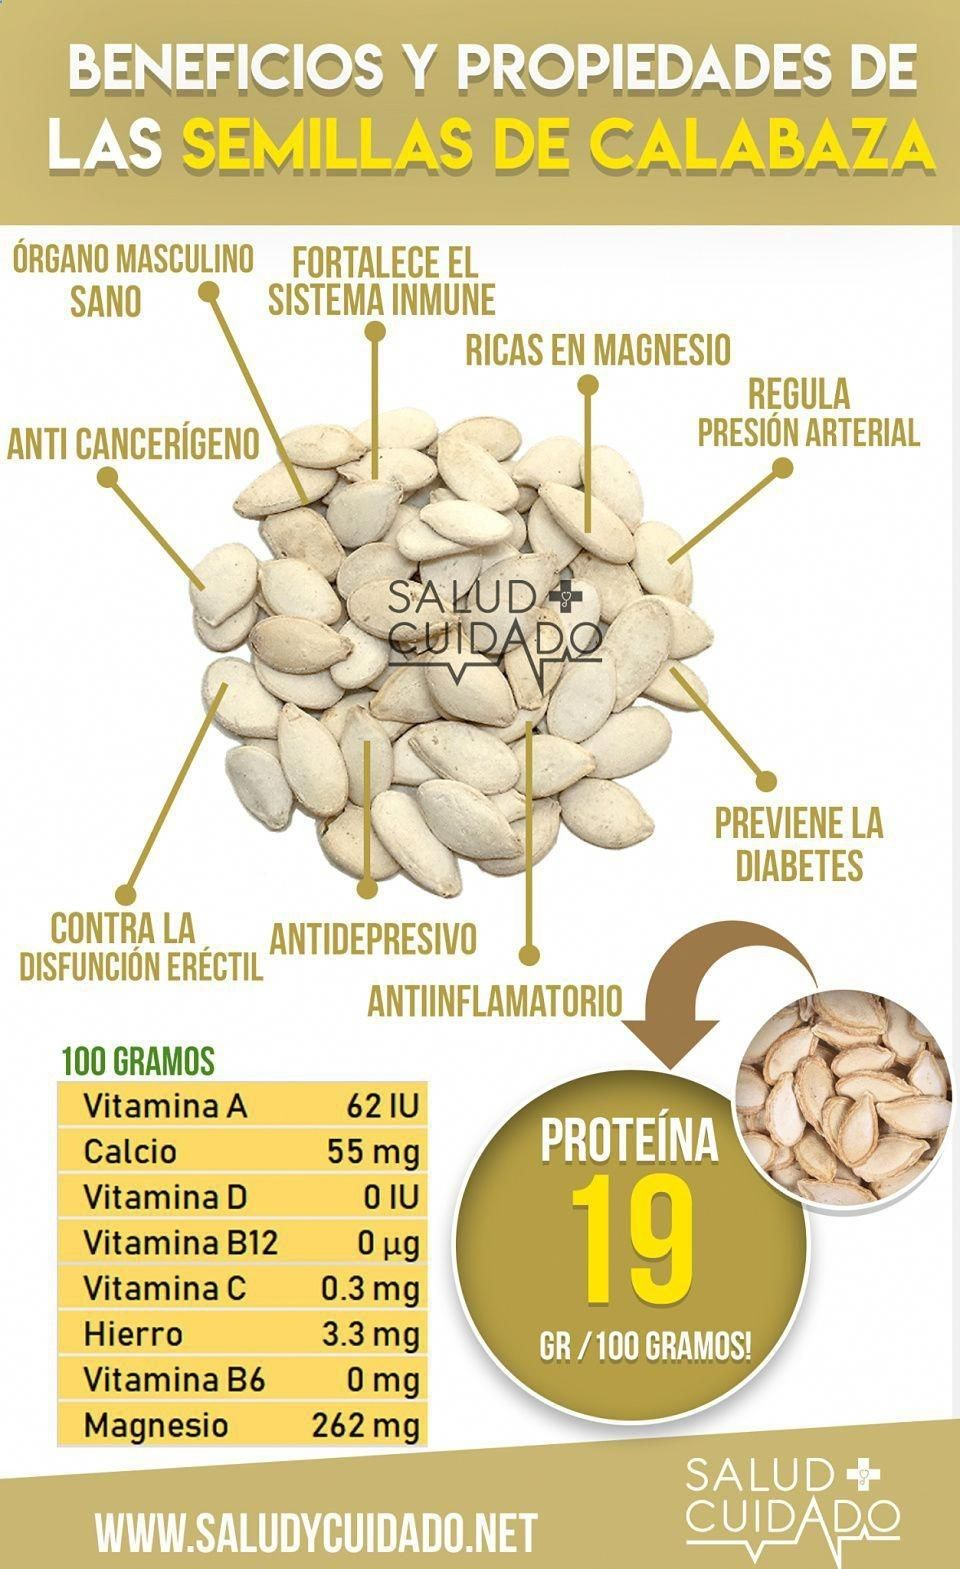 qué alimentos ayudan a tratar la disfunción eréctil